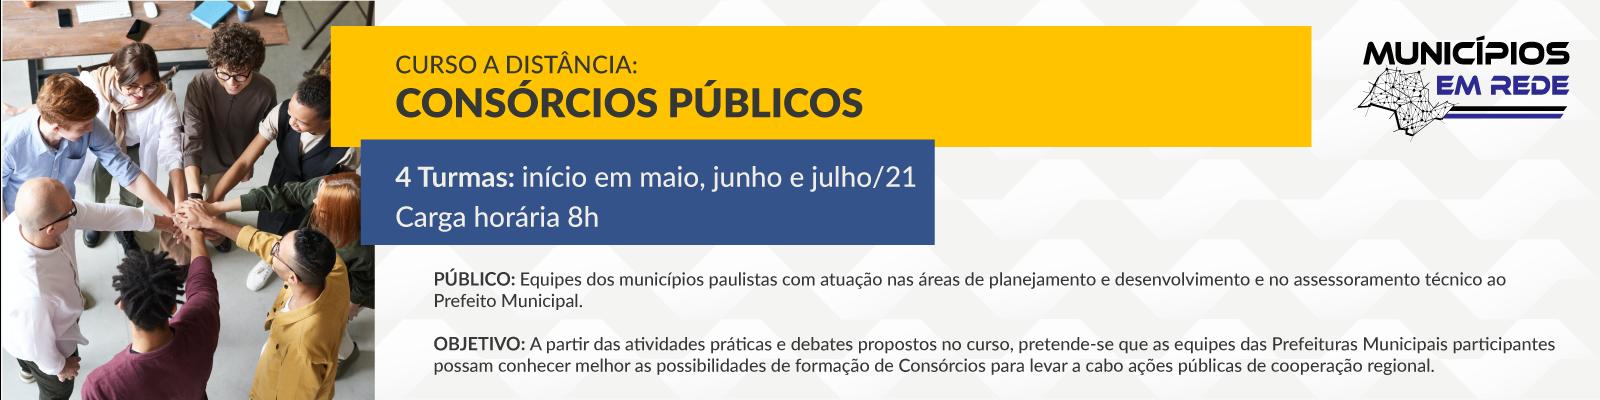 Banner - Consórcios Públicos